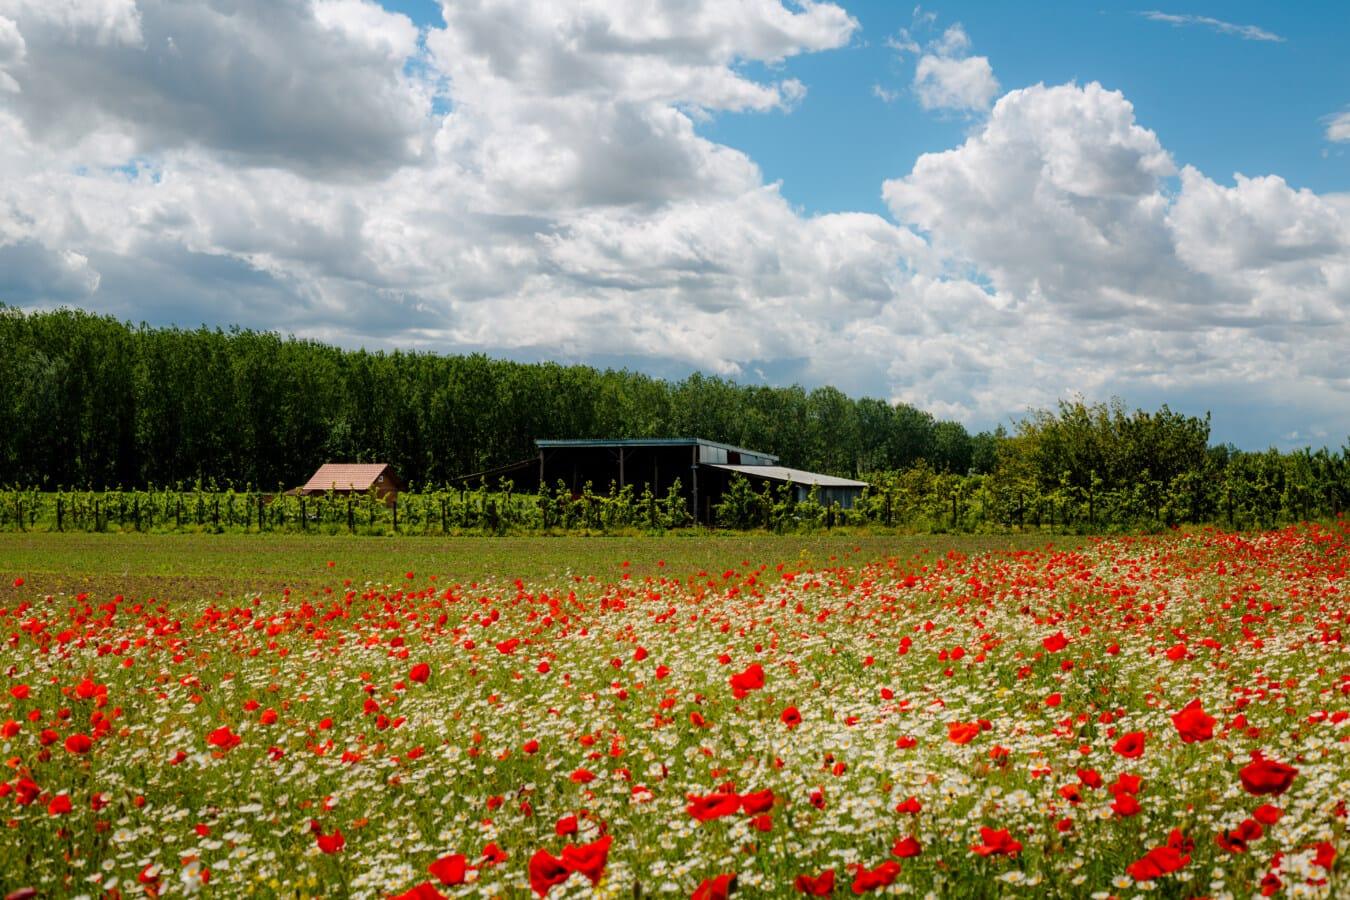 les terres agricoles, ferme, ferme, verger, camomille, fleurs sauvages, fleurs, coquelicot, printemps, domaine